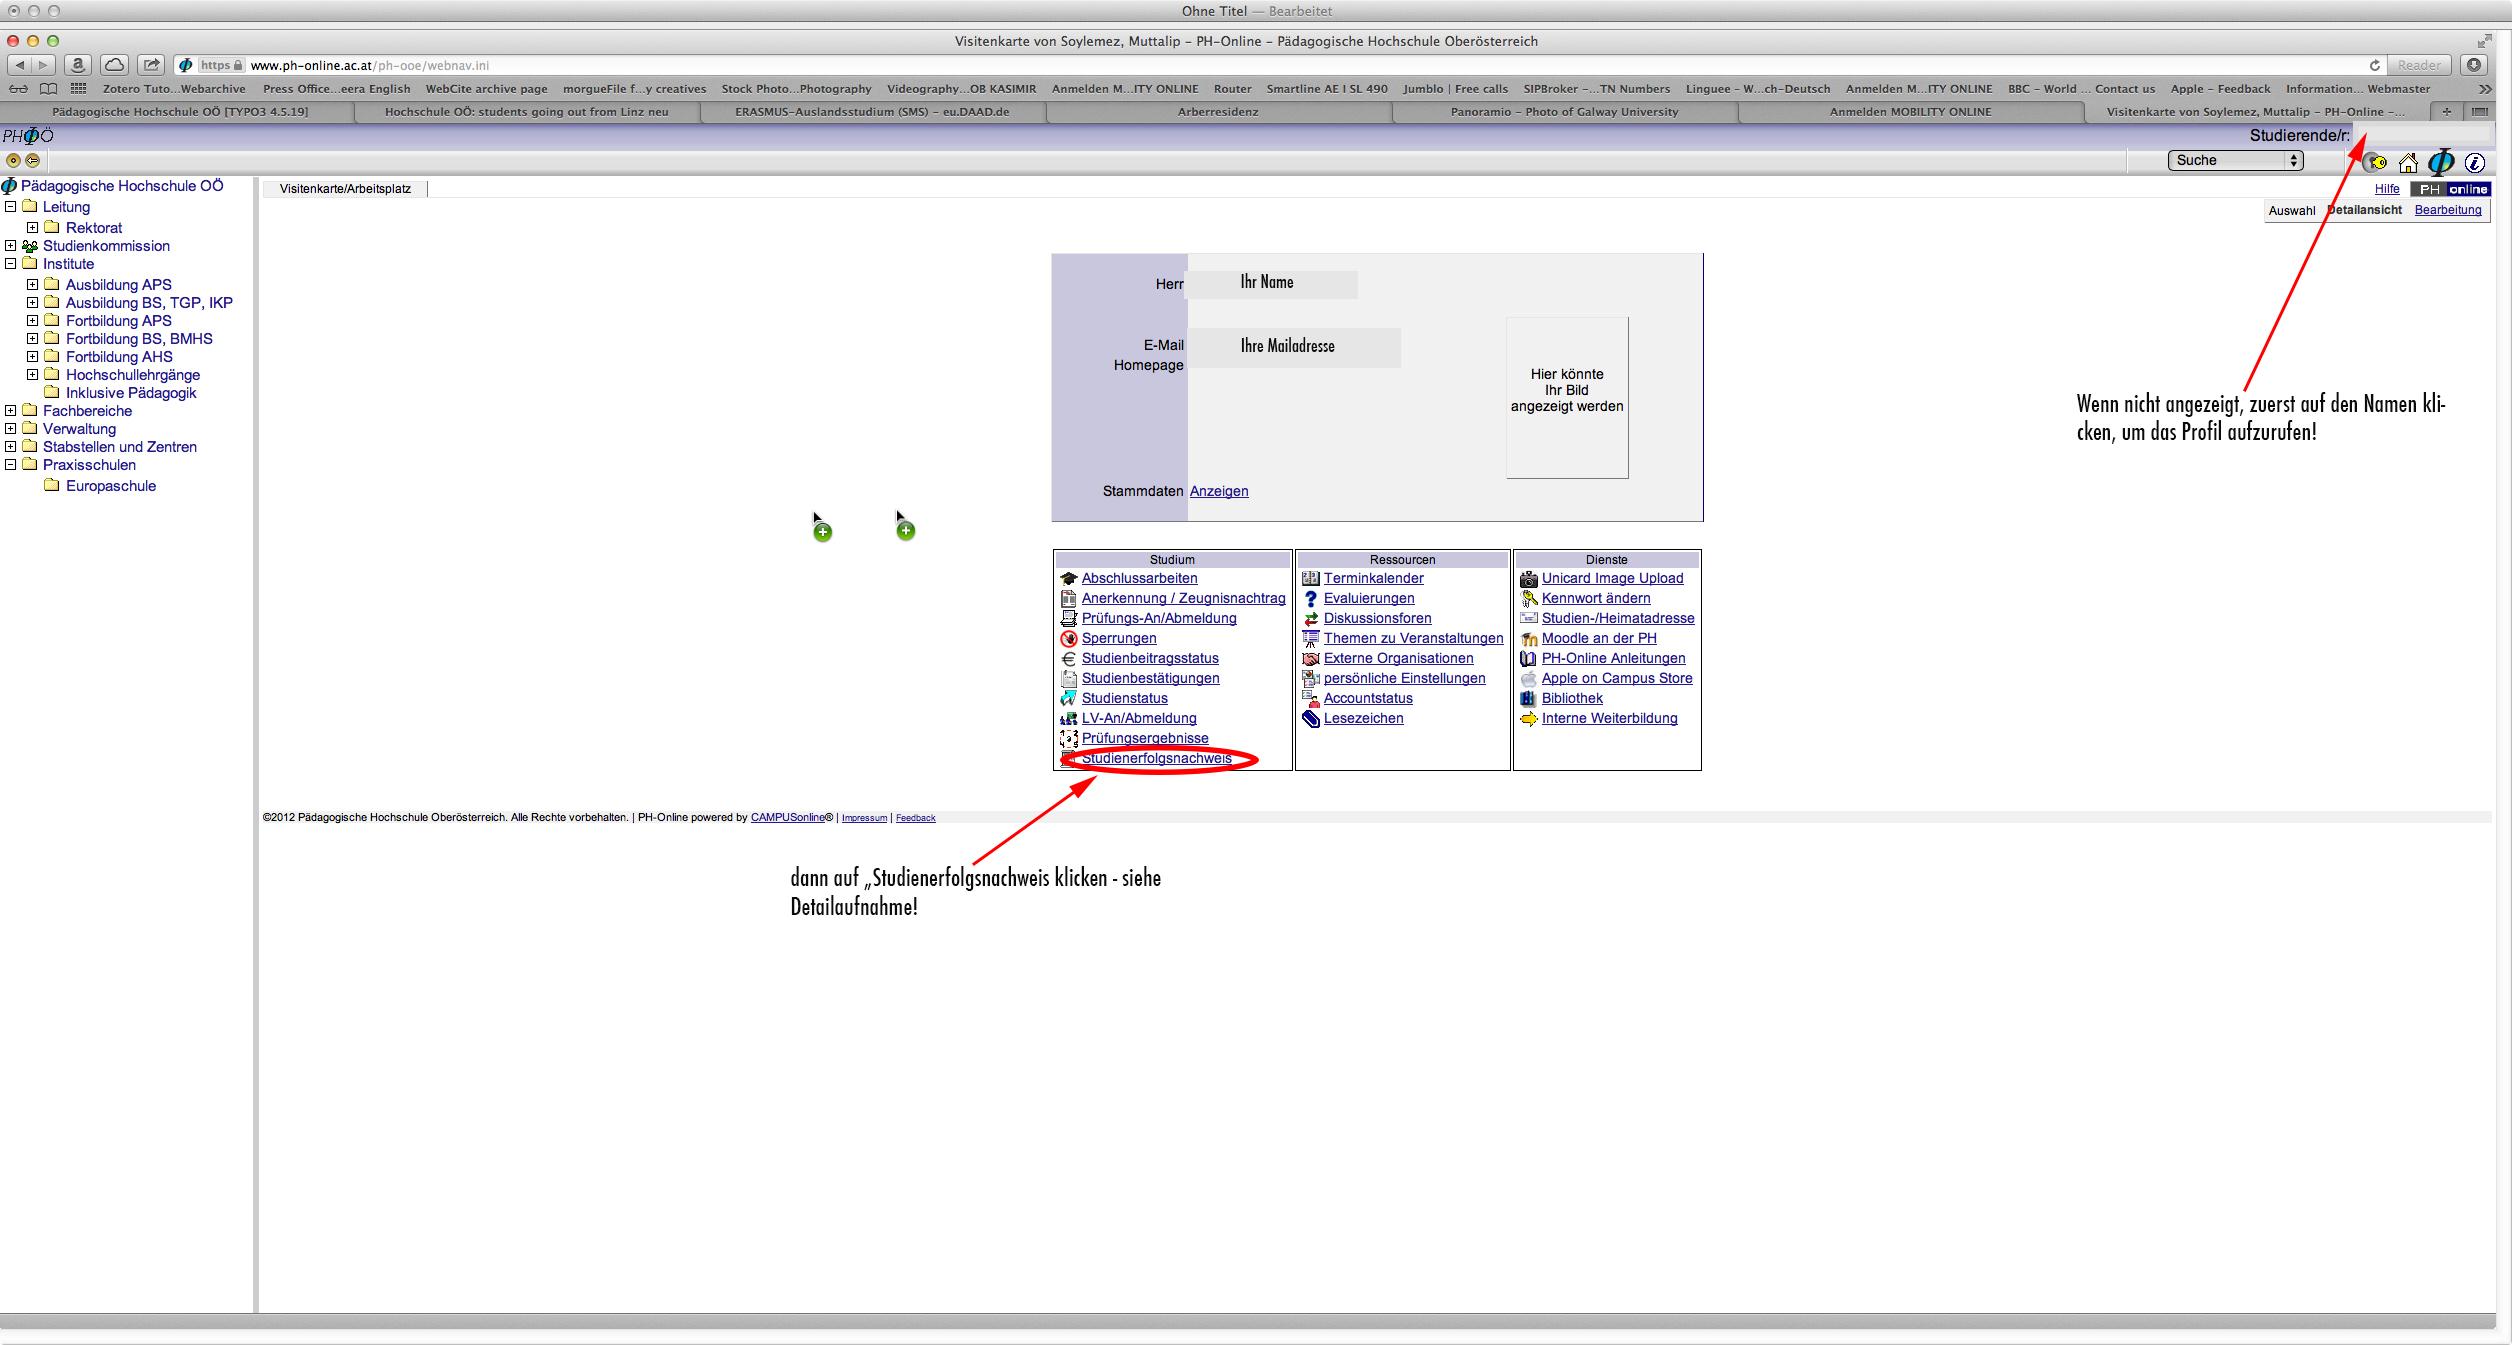 Pädagogische Hochschule O– Screenshots ausdrucken Stu nnachweis